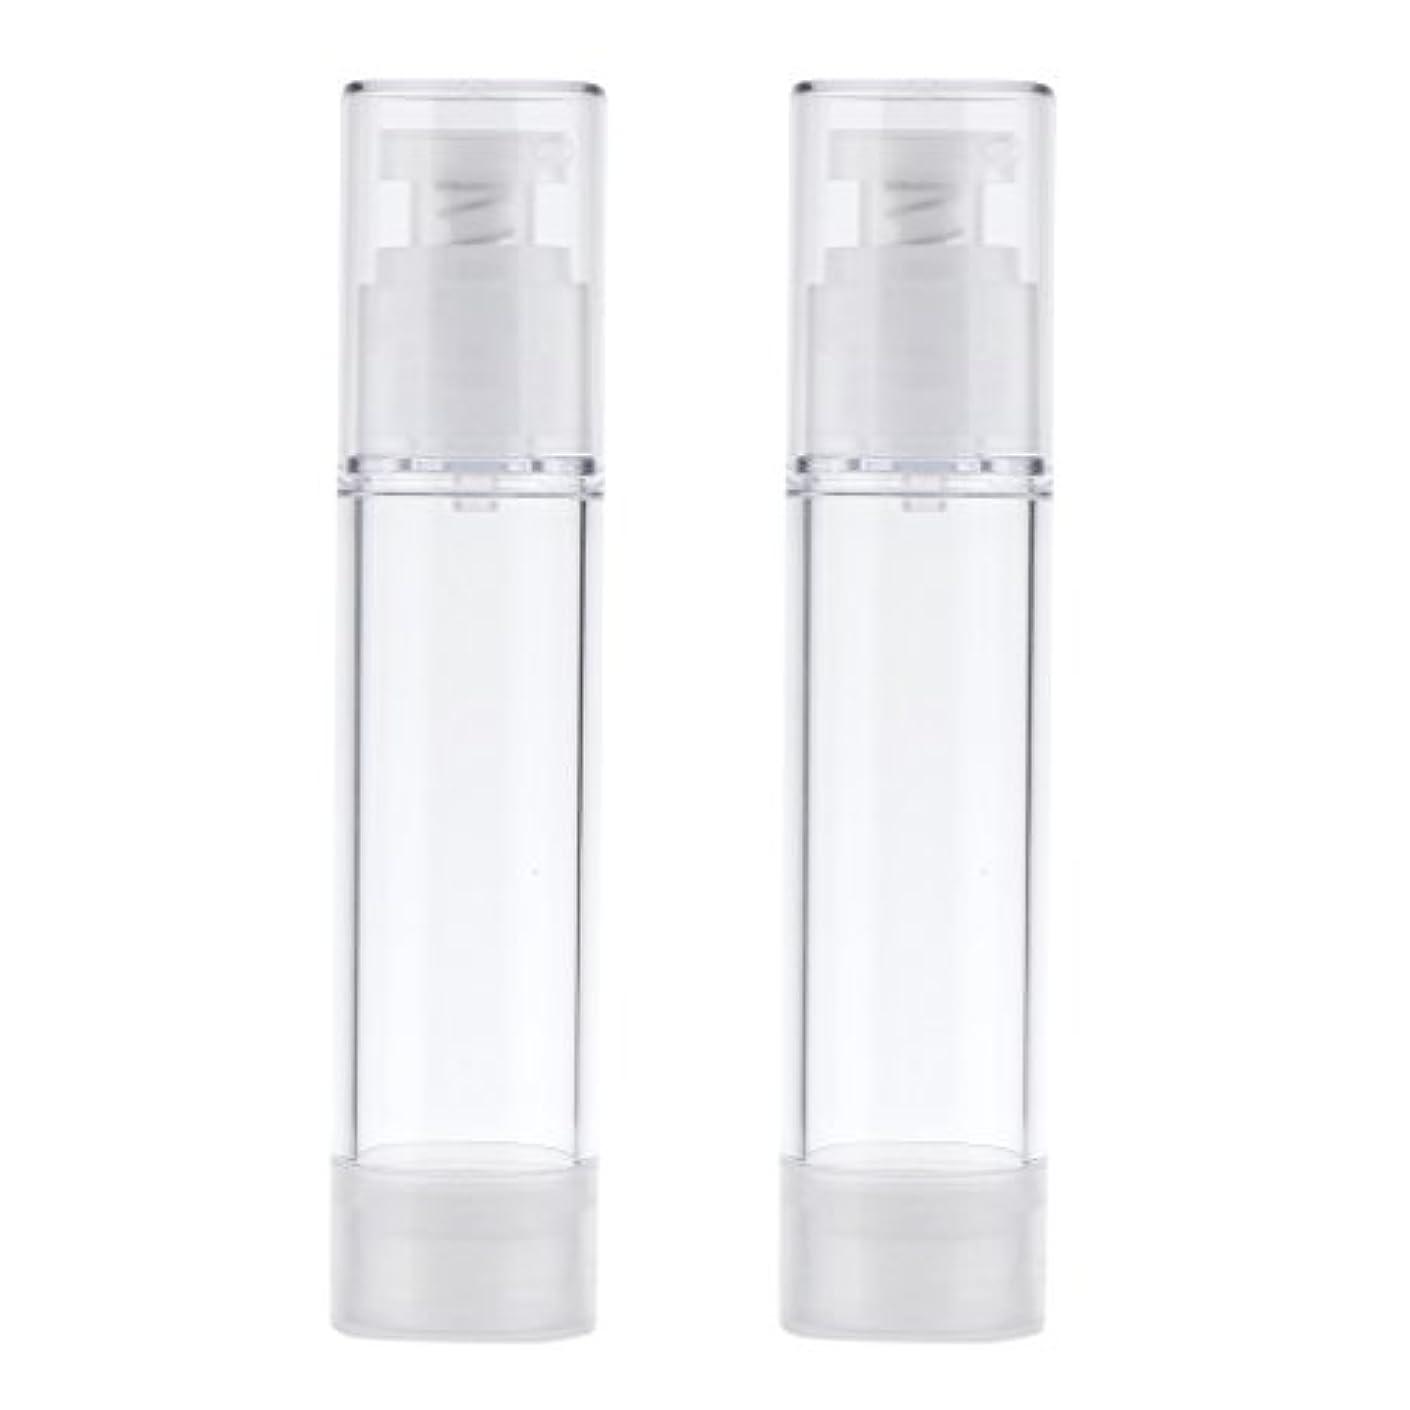 バルコニー抵抗する練習2個 ポンプボトル エアレスボトル ポンプディスペンサー コスメ DIY 詰替え 香水ボトル 3サイズ選べる - 50ml